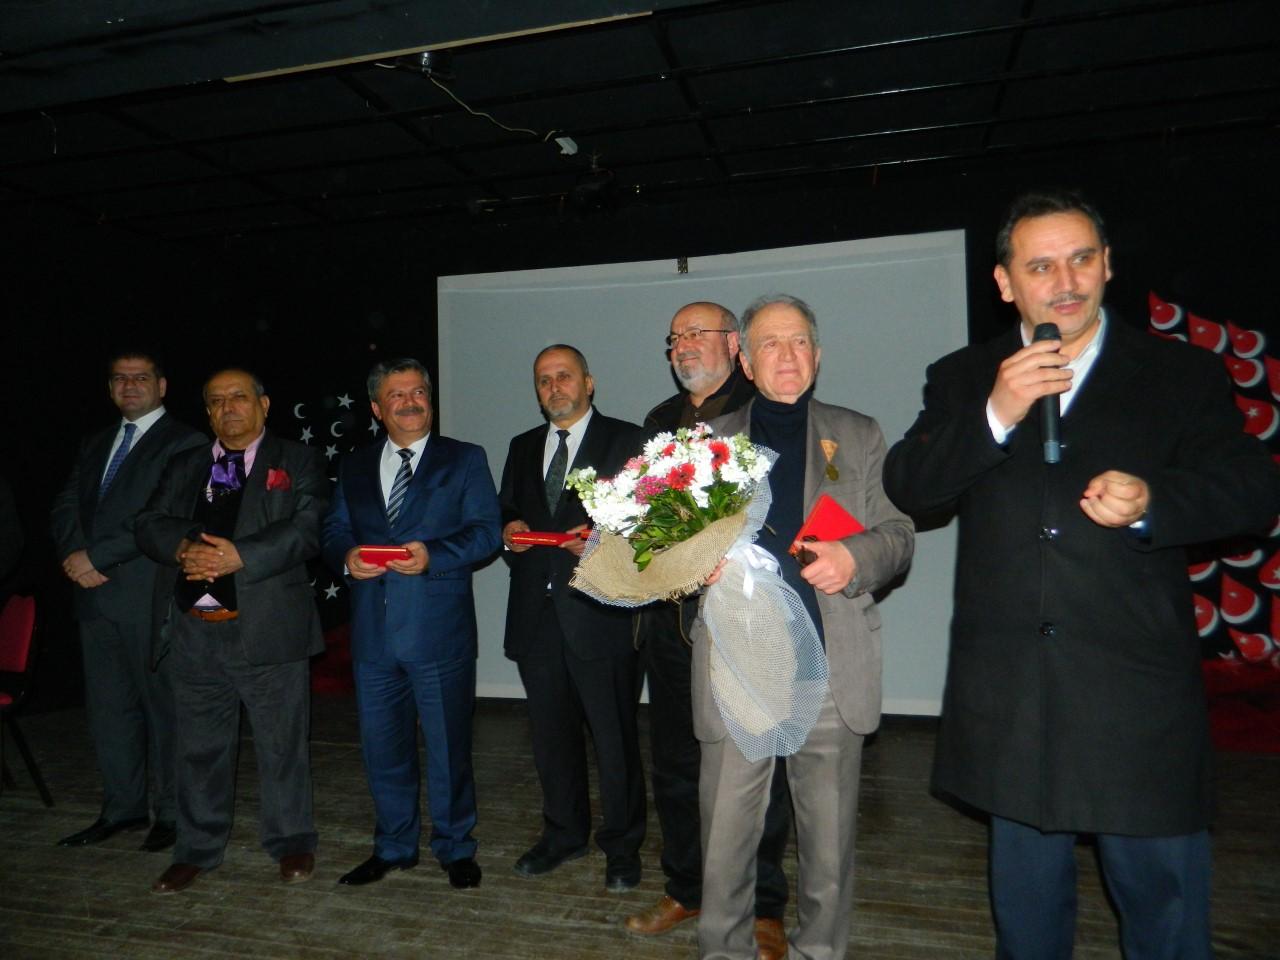 Kurdoğlu Mustafa Zeki Belgesel filmin galası